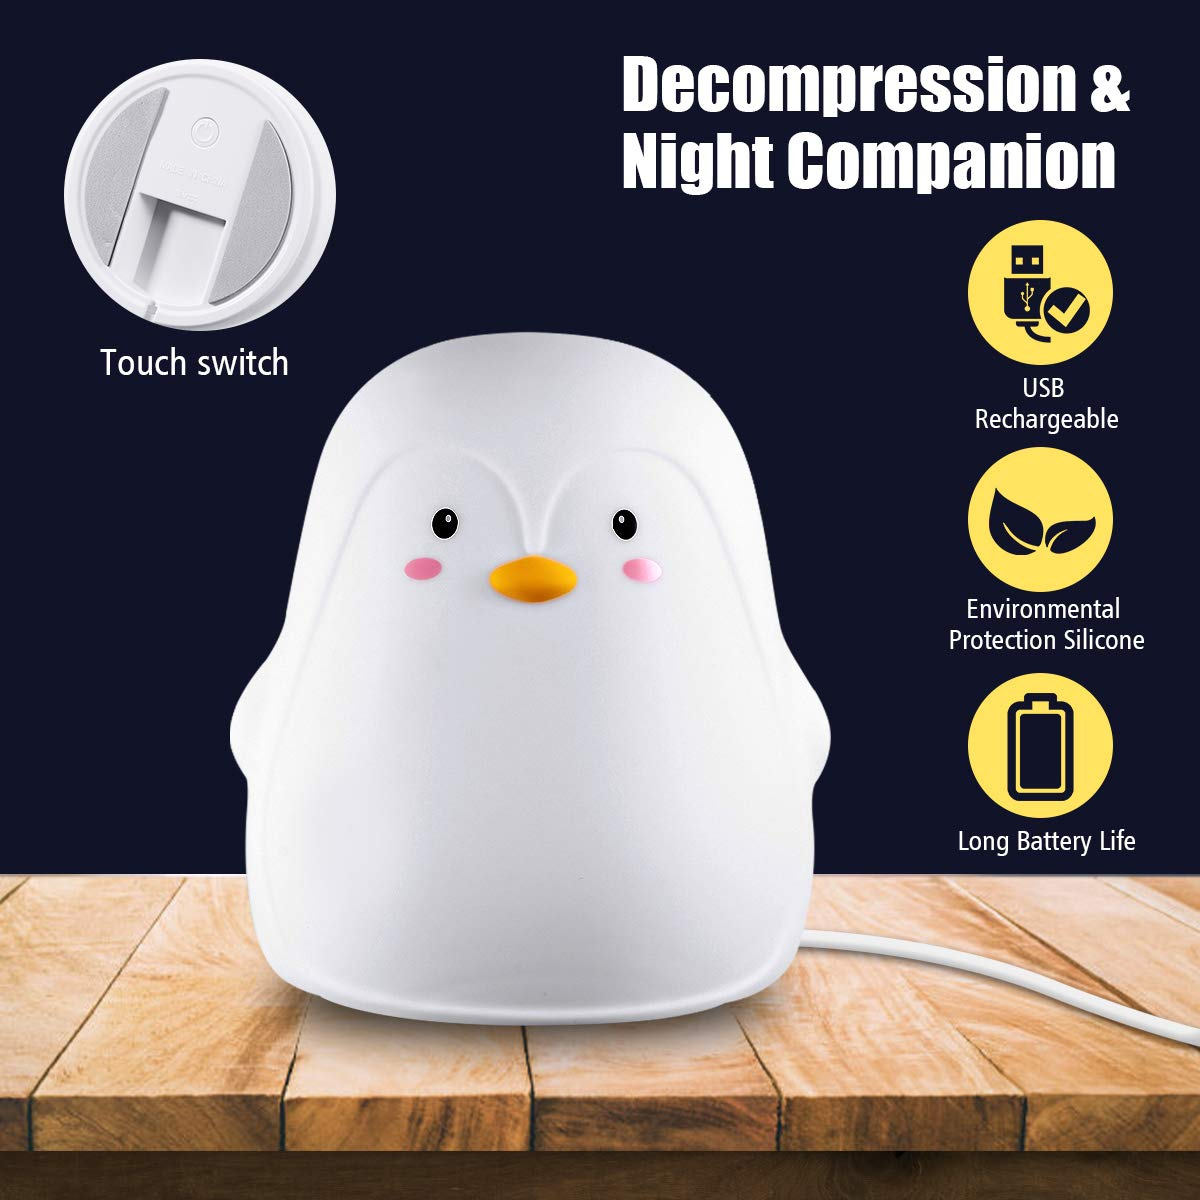 2 Lichtmodi Elfeland Nachtlicht Baby Nachtlampe Nachttischlampe Nachtleuchte Schlummerleuchte Touch Lampe 7 Farbm/öglichkeiten Sicheres ABS/& Silikon Pinguin f/ür Kind Kinderzimmer USB aufladbar